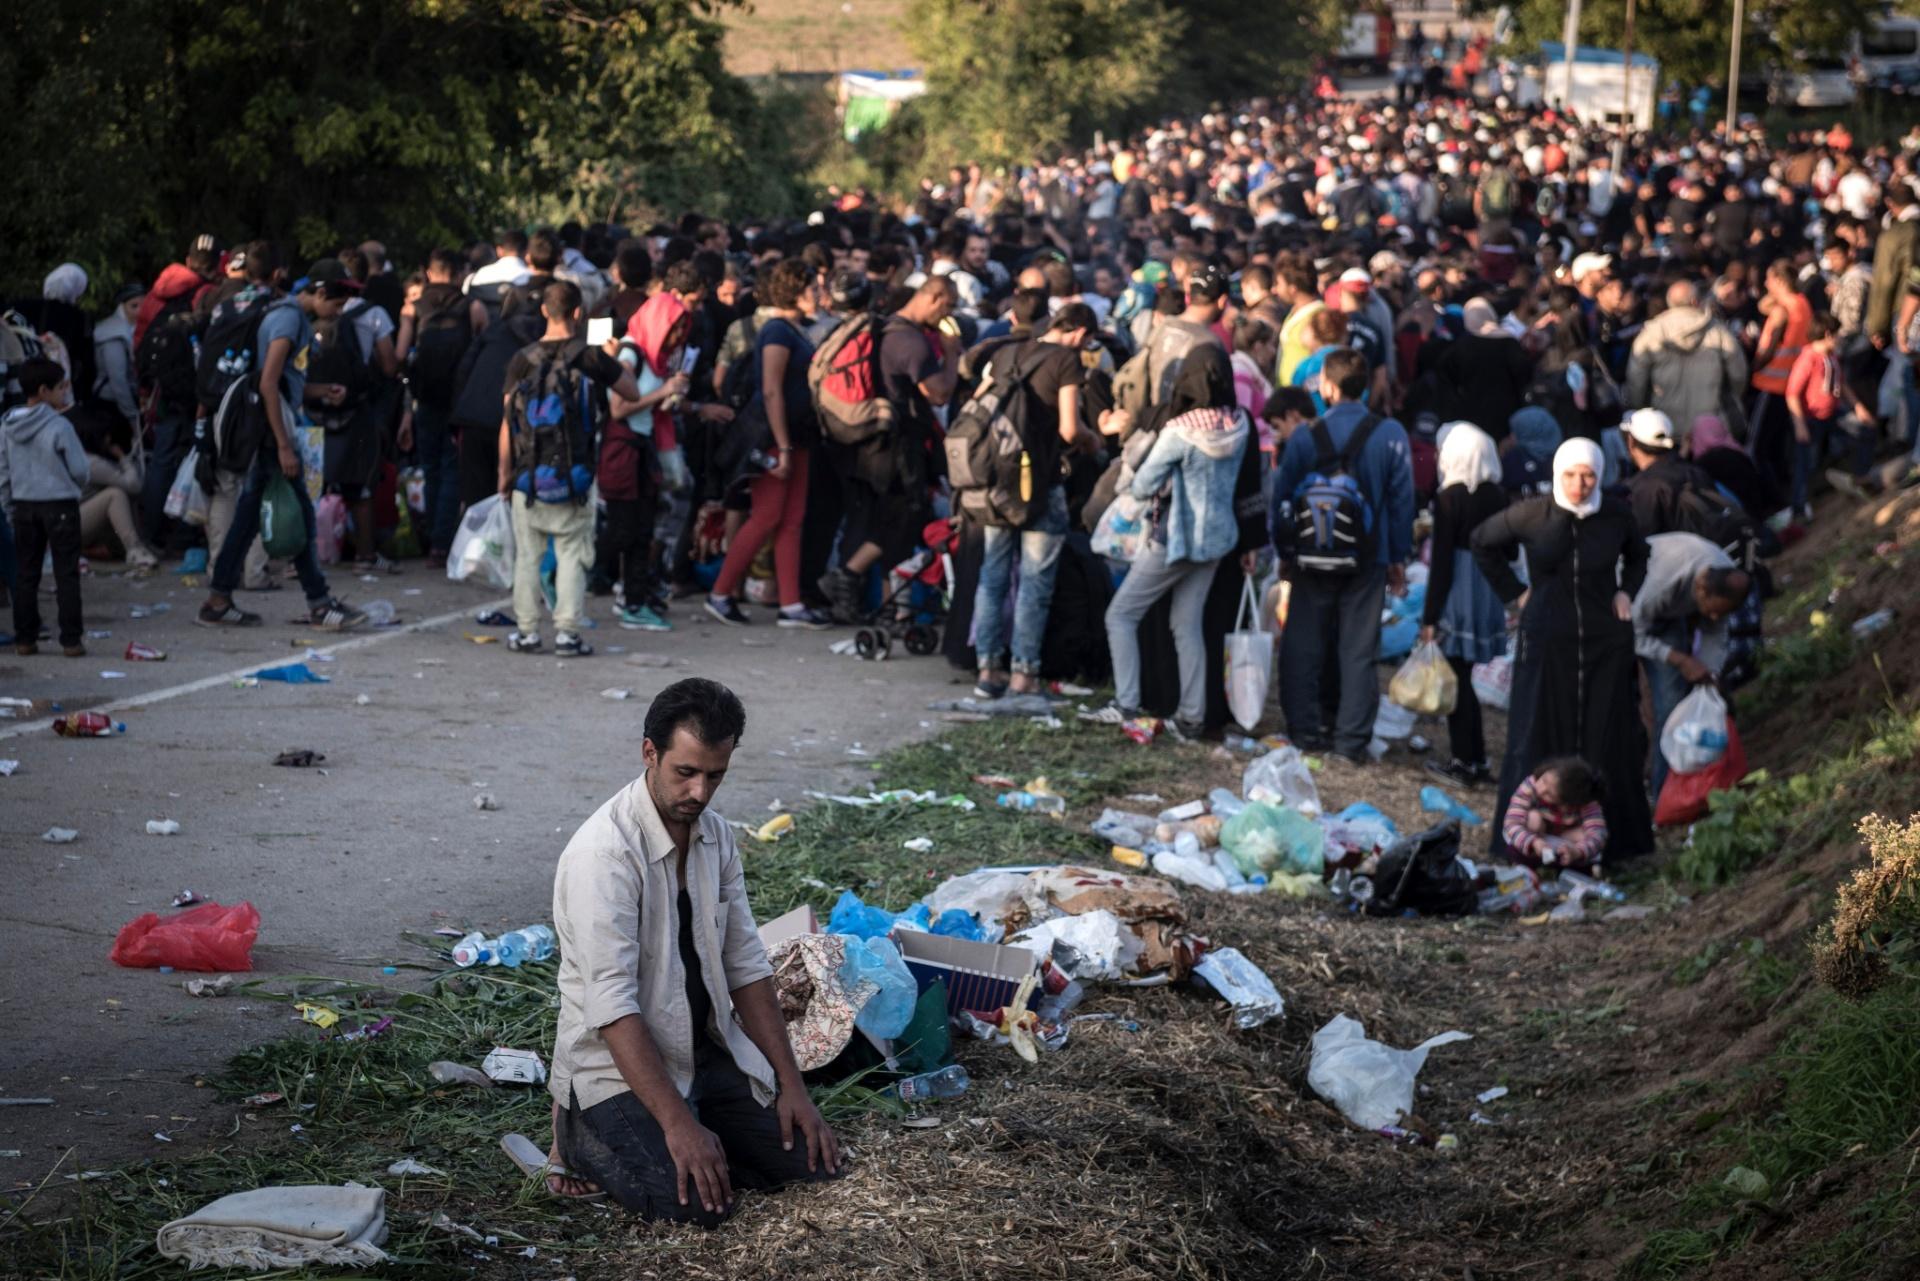 Homem reza enquanto espera com outros imigrantes para cruzar a fronteira entre a Sérvia e a Croácia